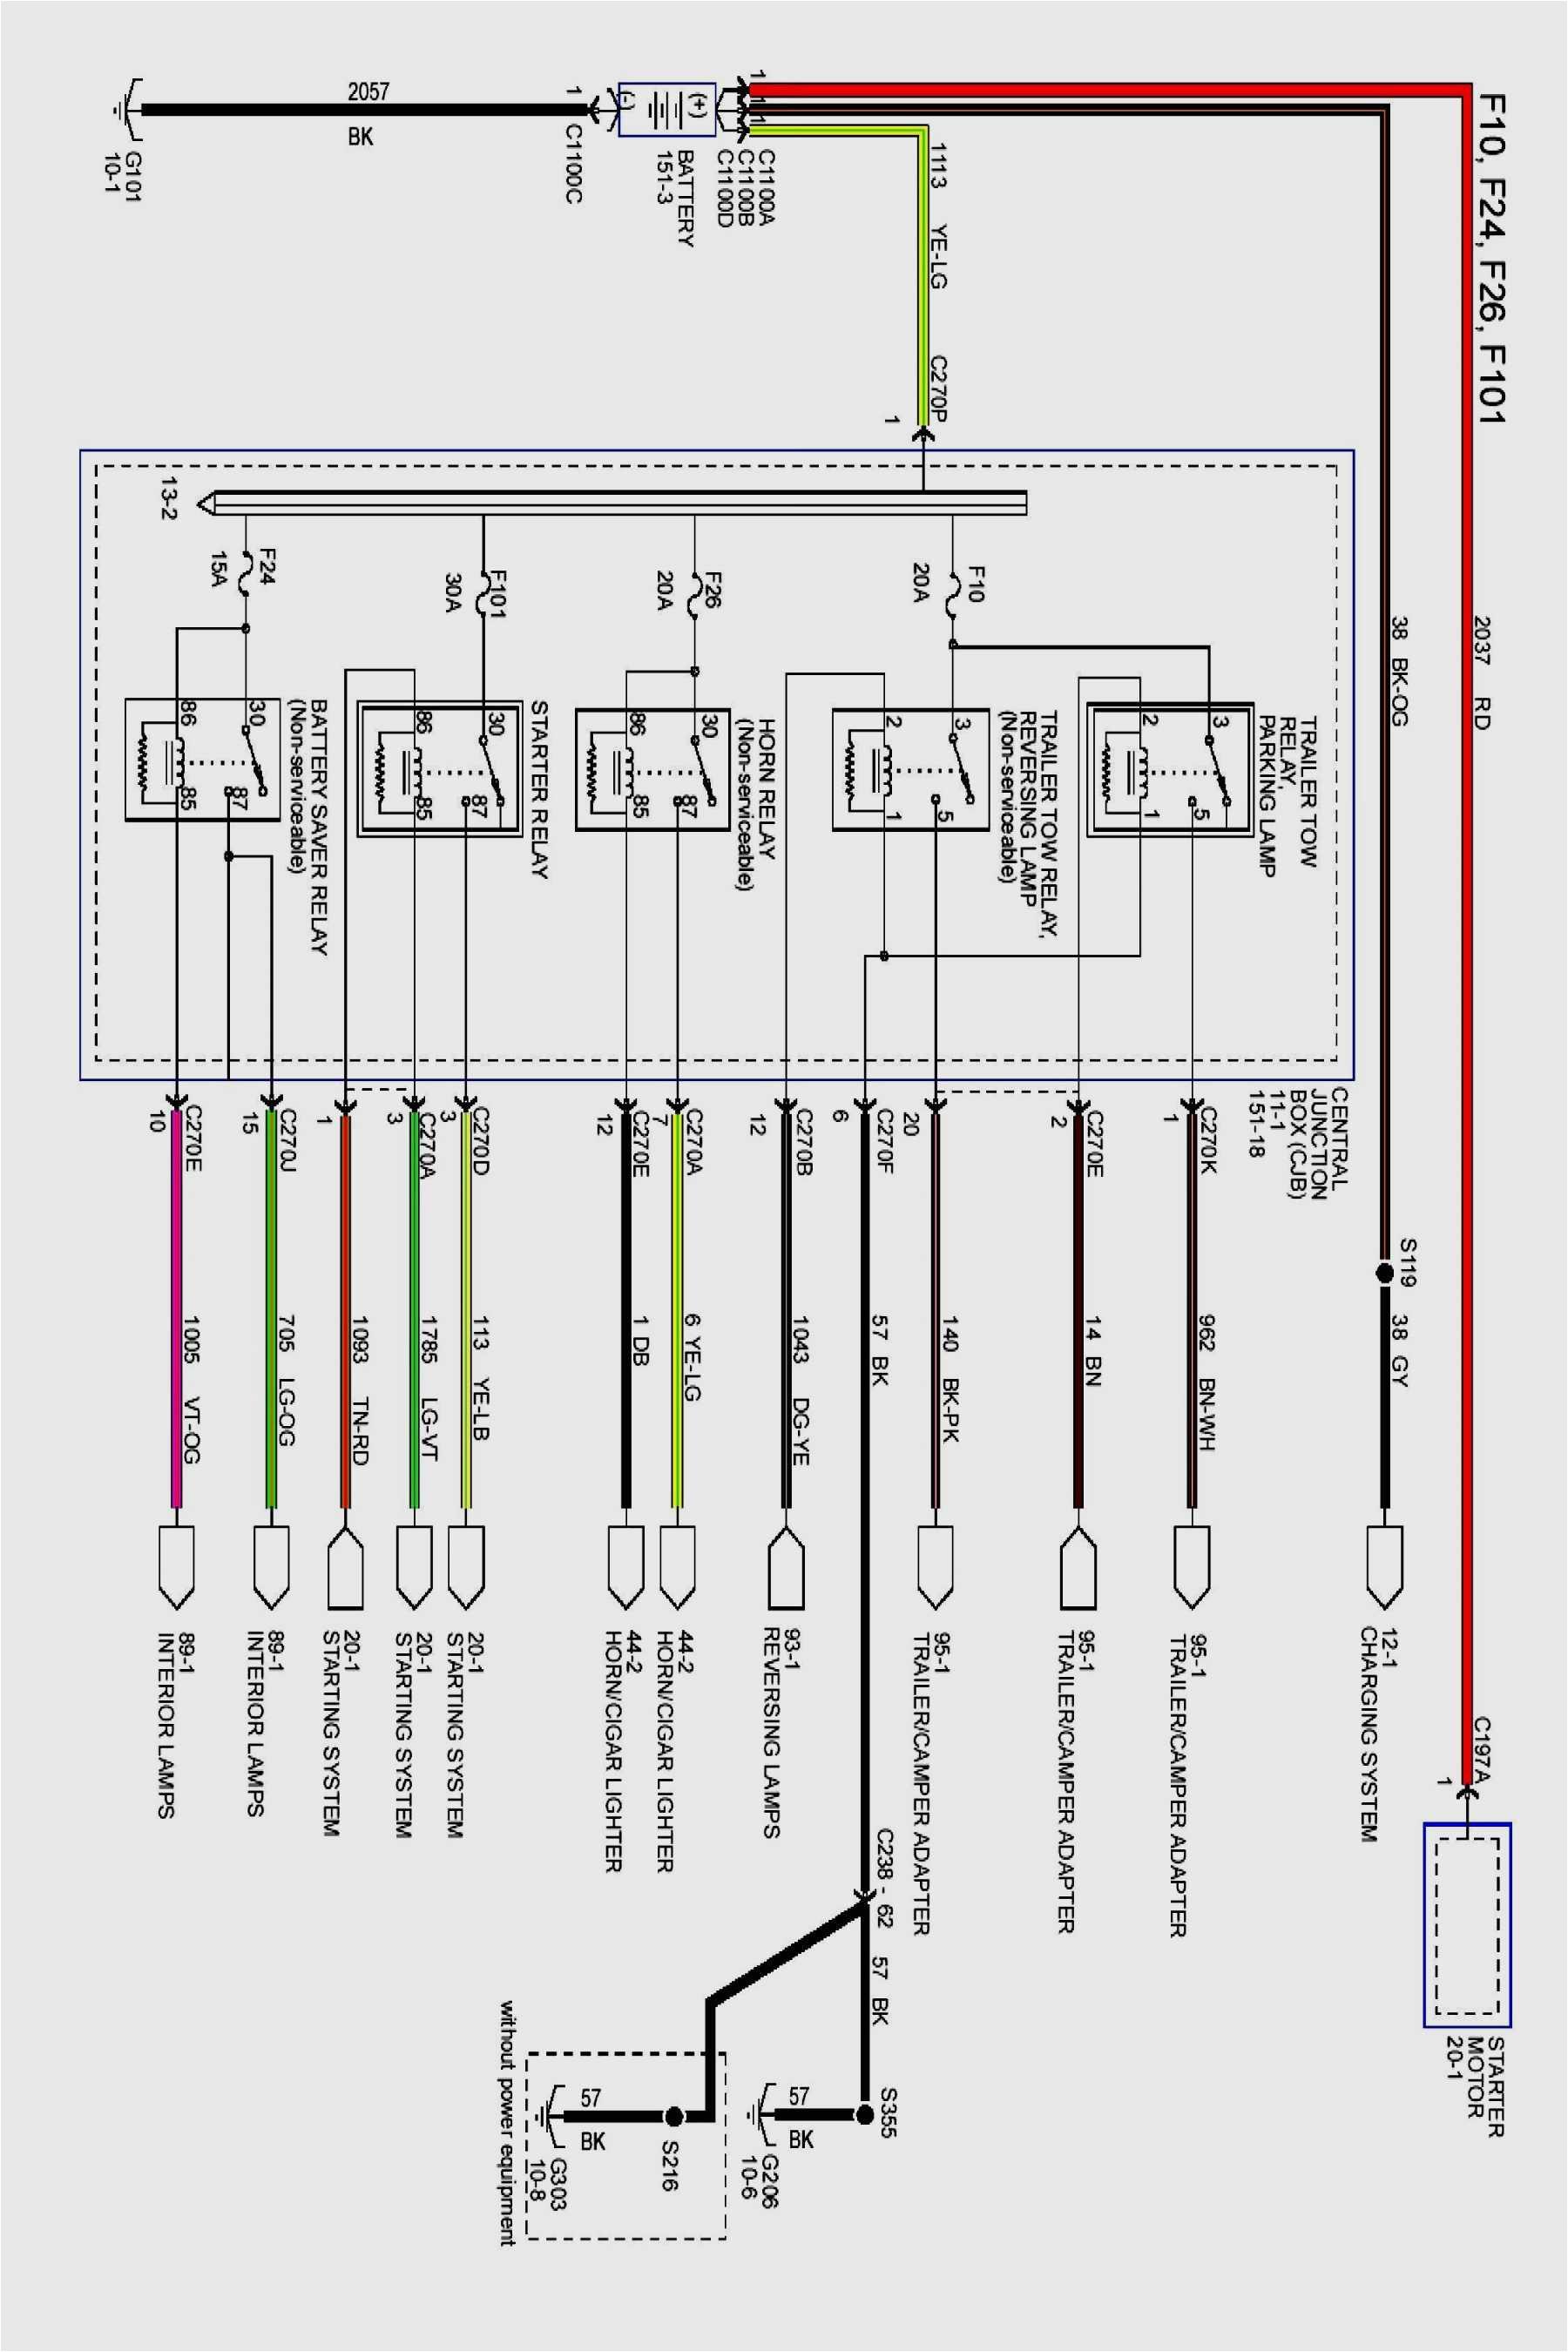 aiphone lef 10 wiring diagram u2013 adanaliyiz orgaiphone lef 10 wiring diagram wiring diagrams with